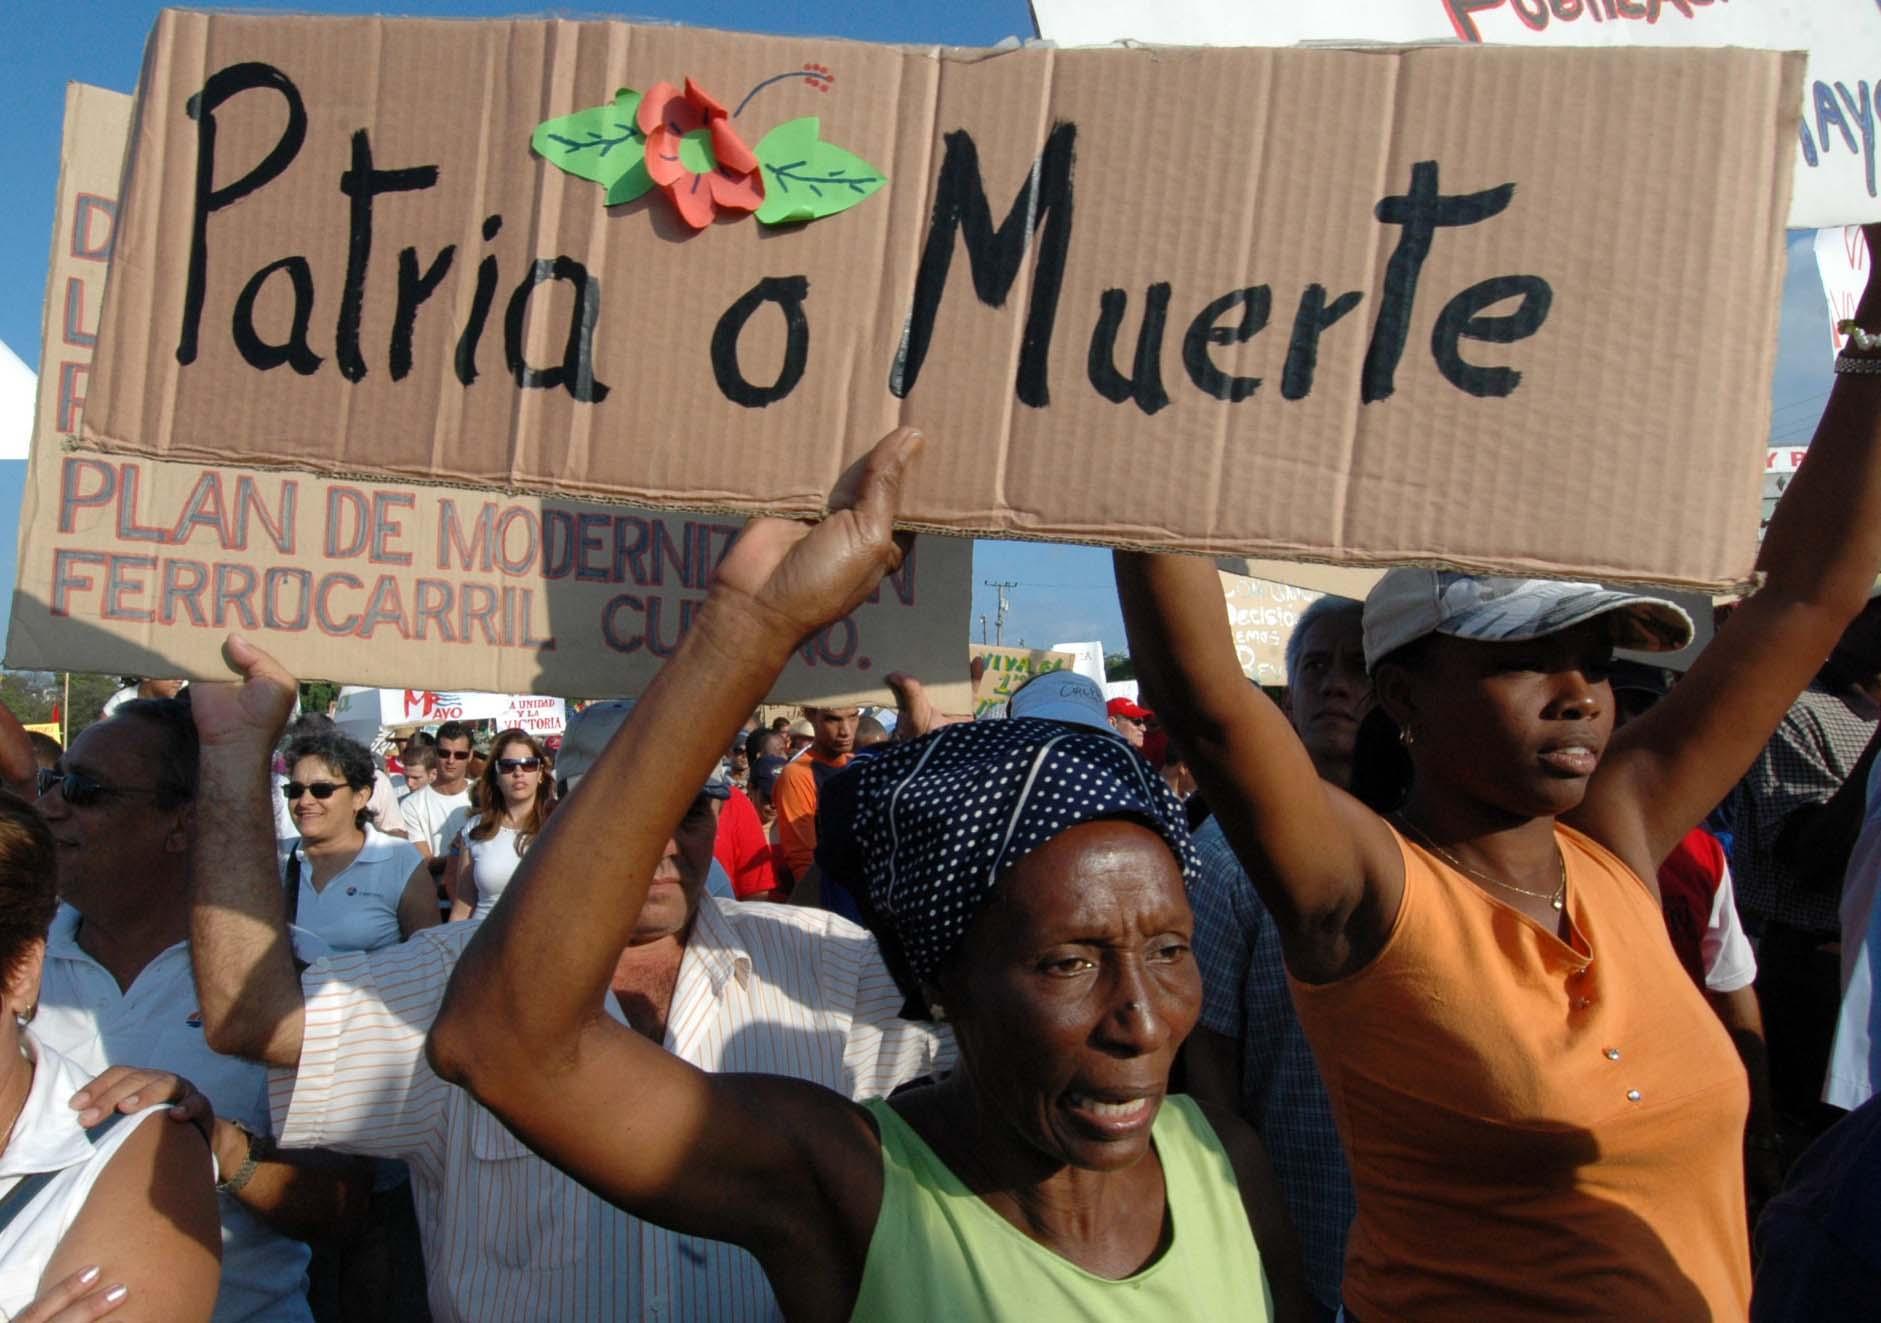 Cuba, May 2008